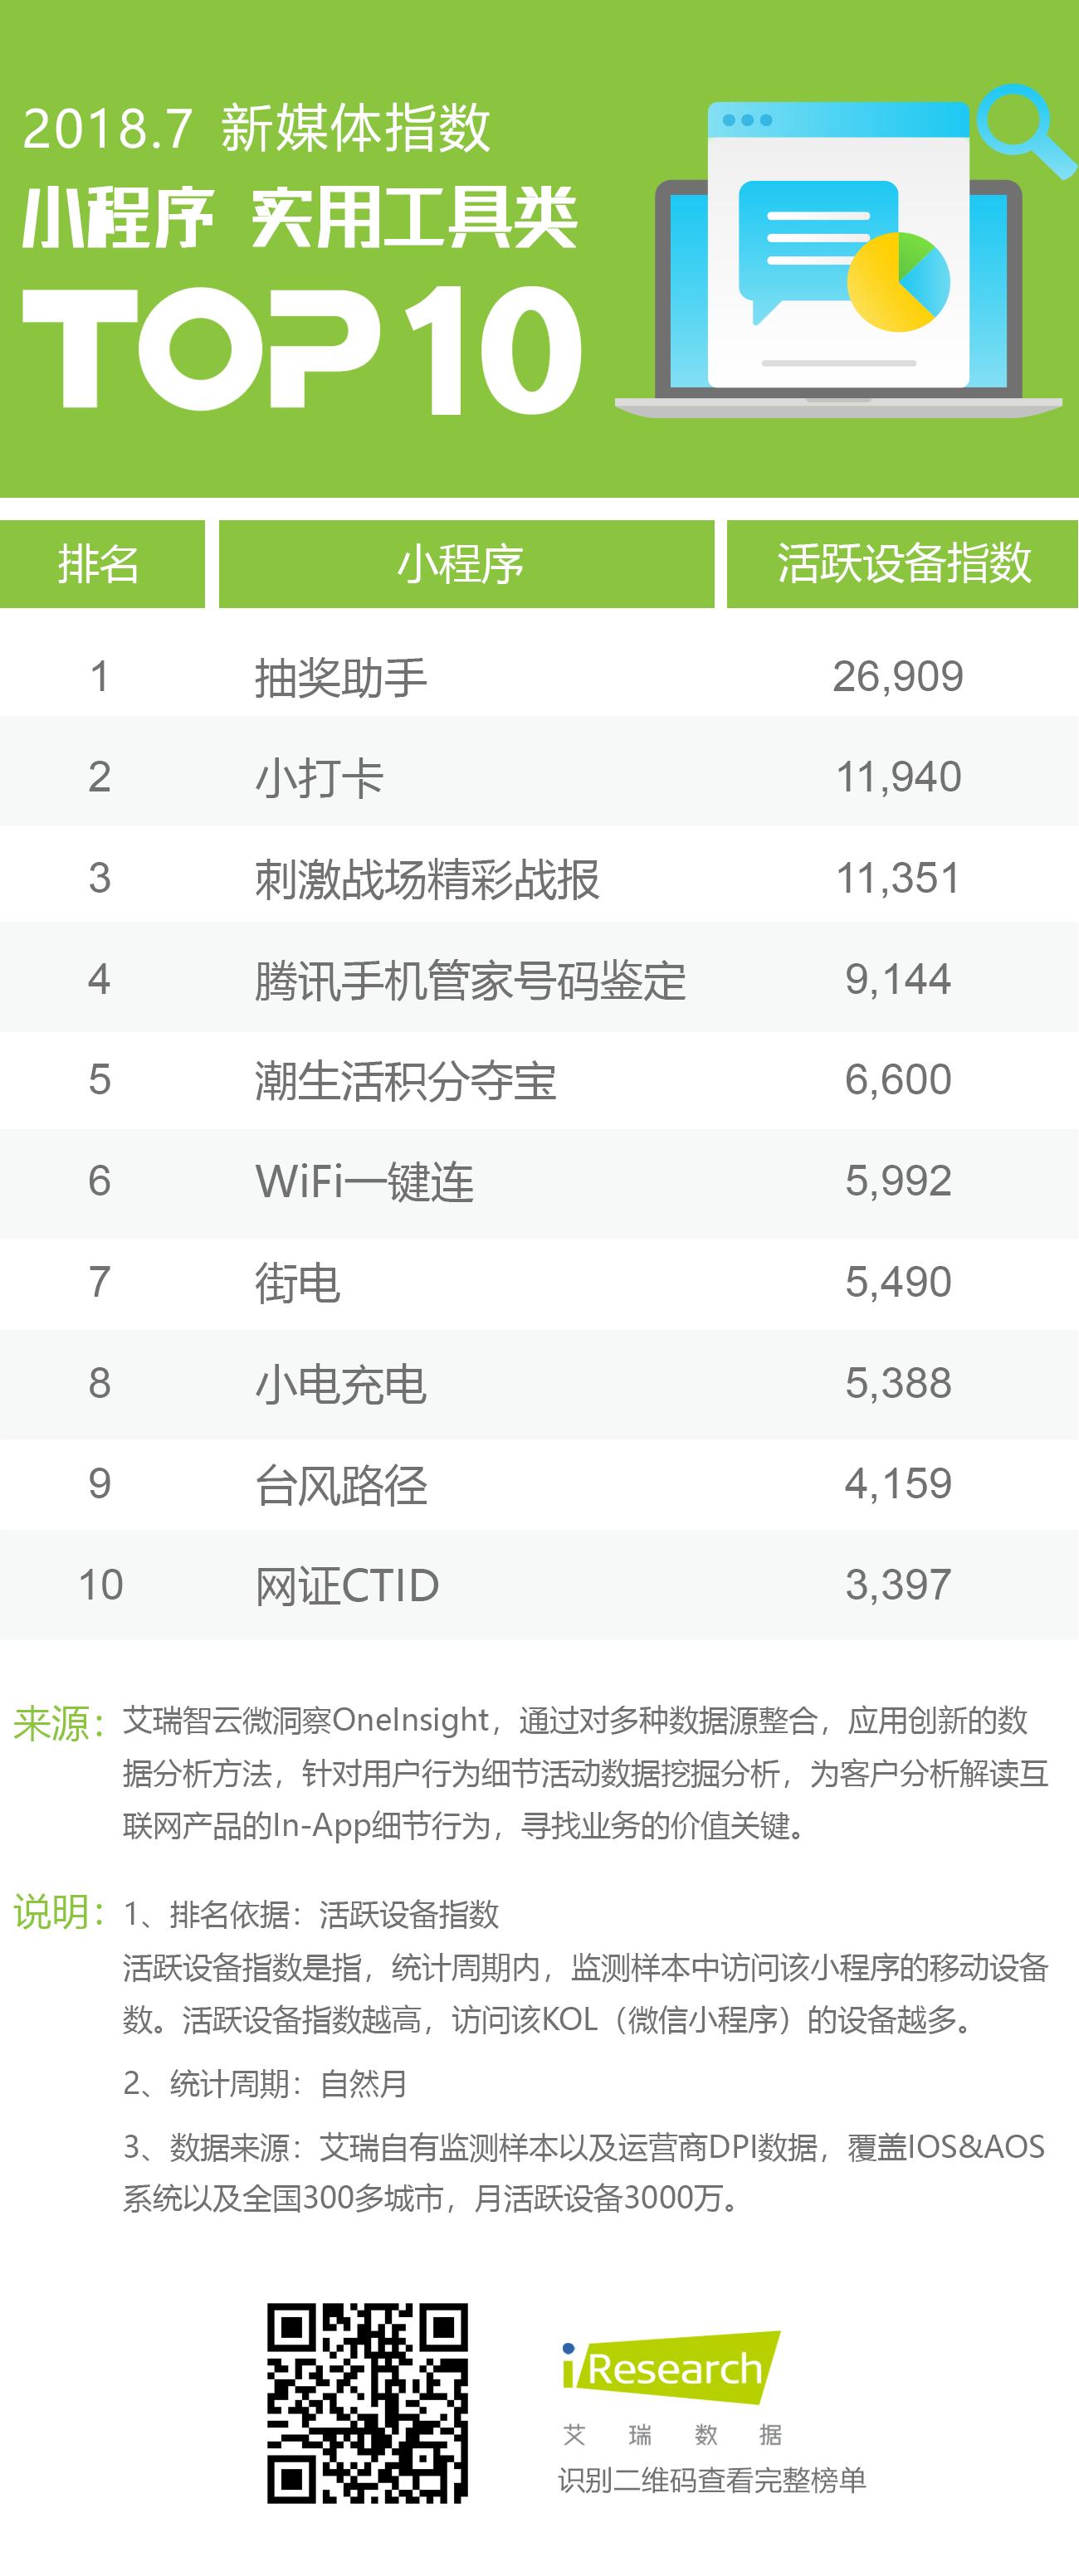 小程序工具类TOP10.png